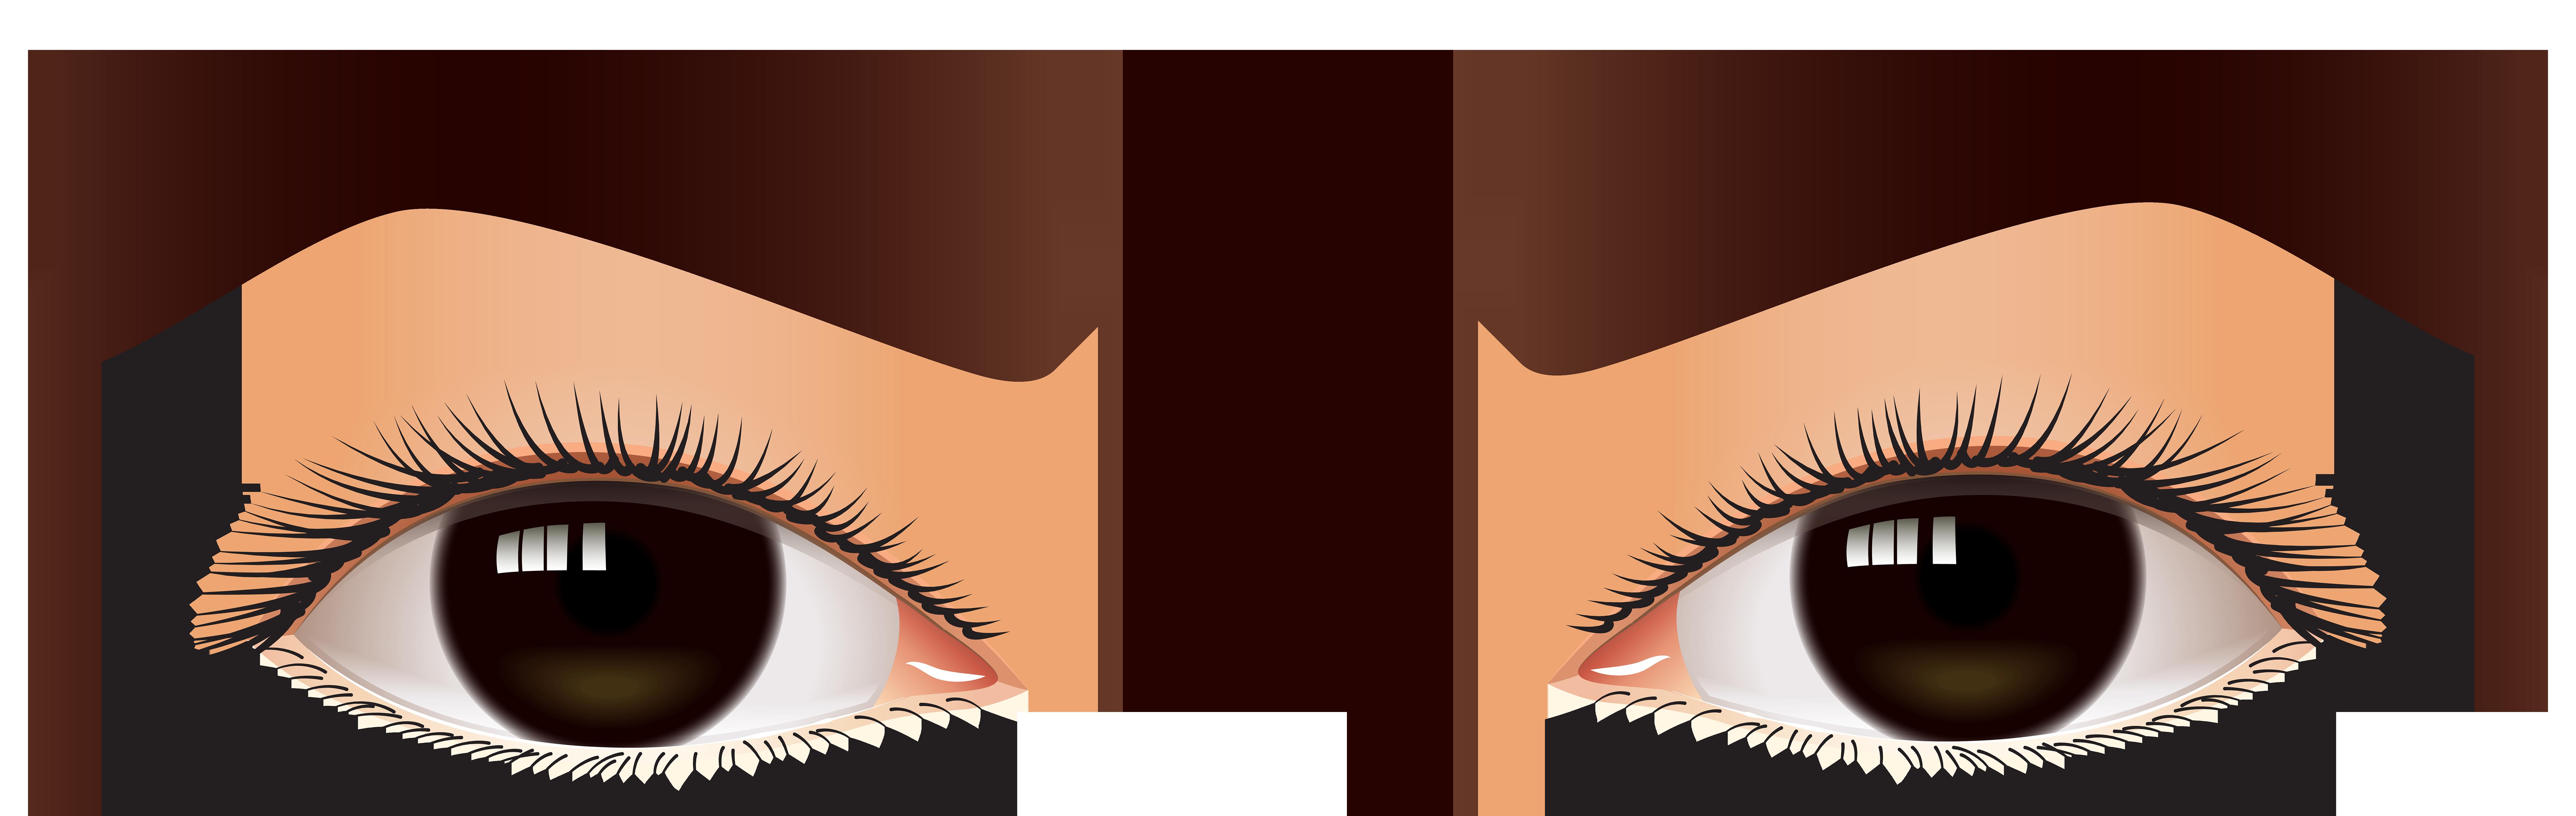 Brown clipart brown eye Clipart Eyes drawings Brown Brown